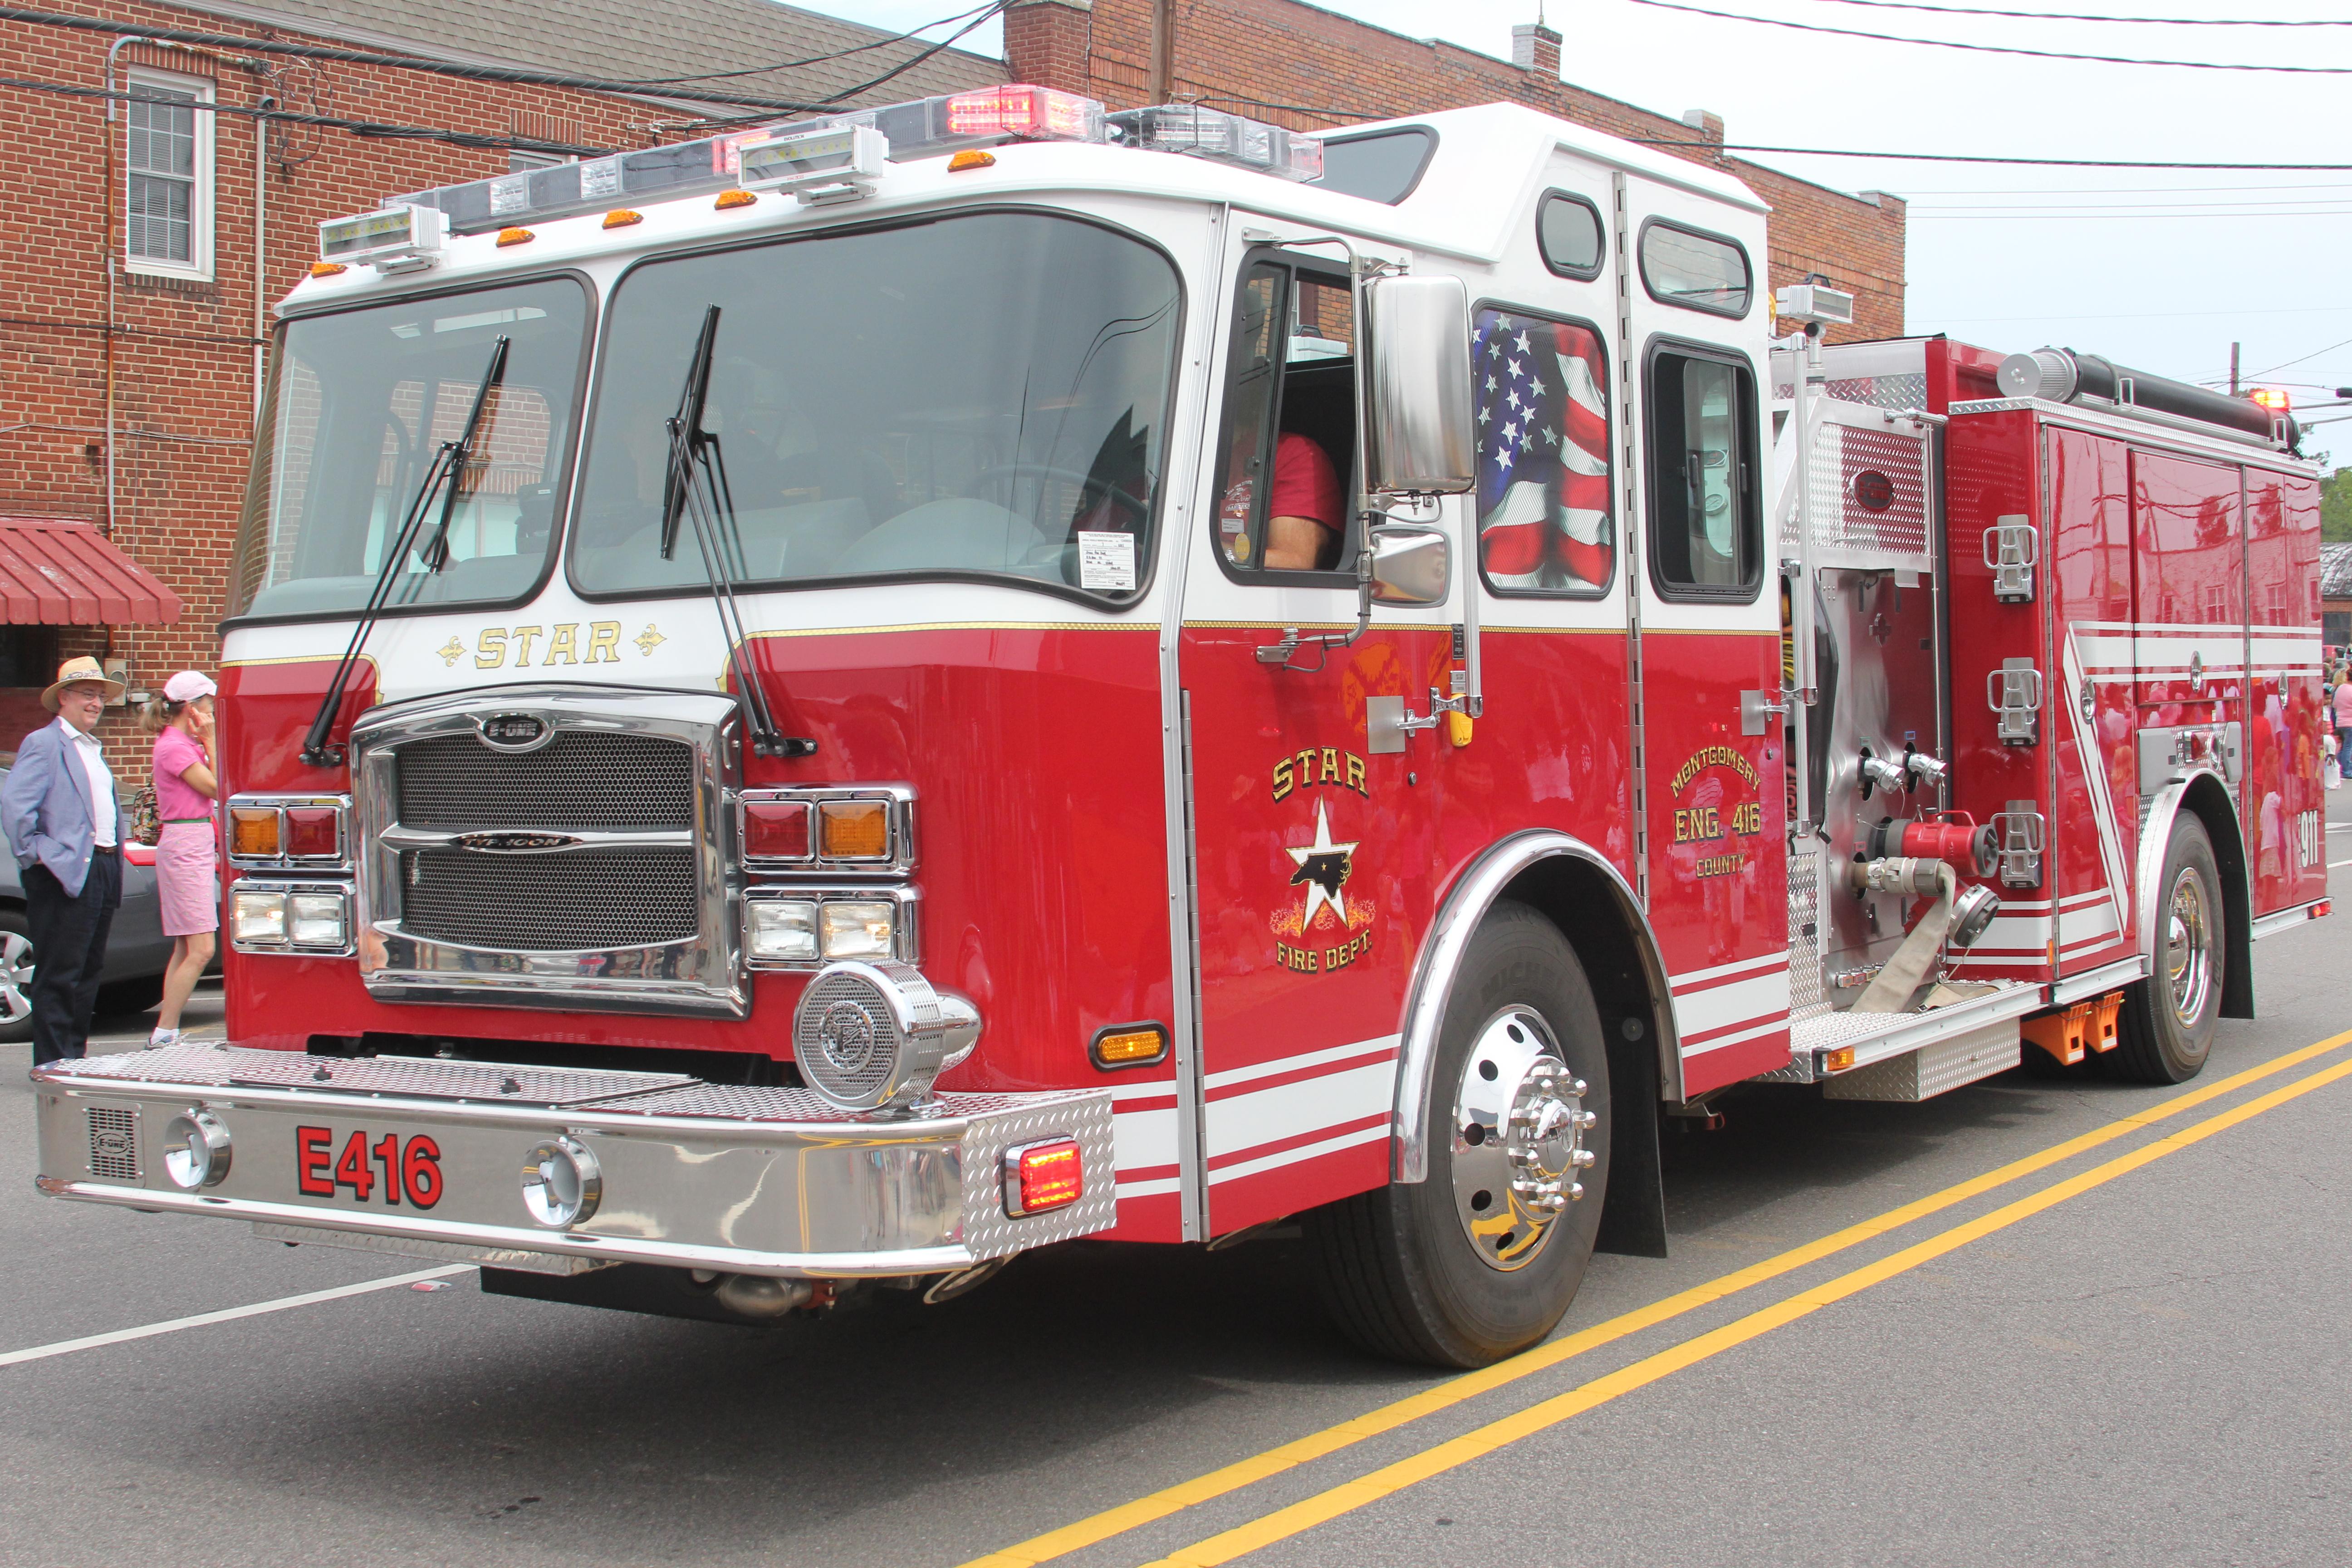 Star Fire Department